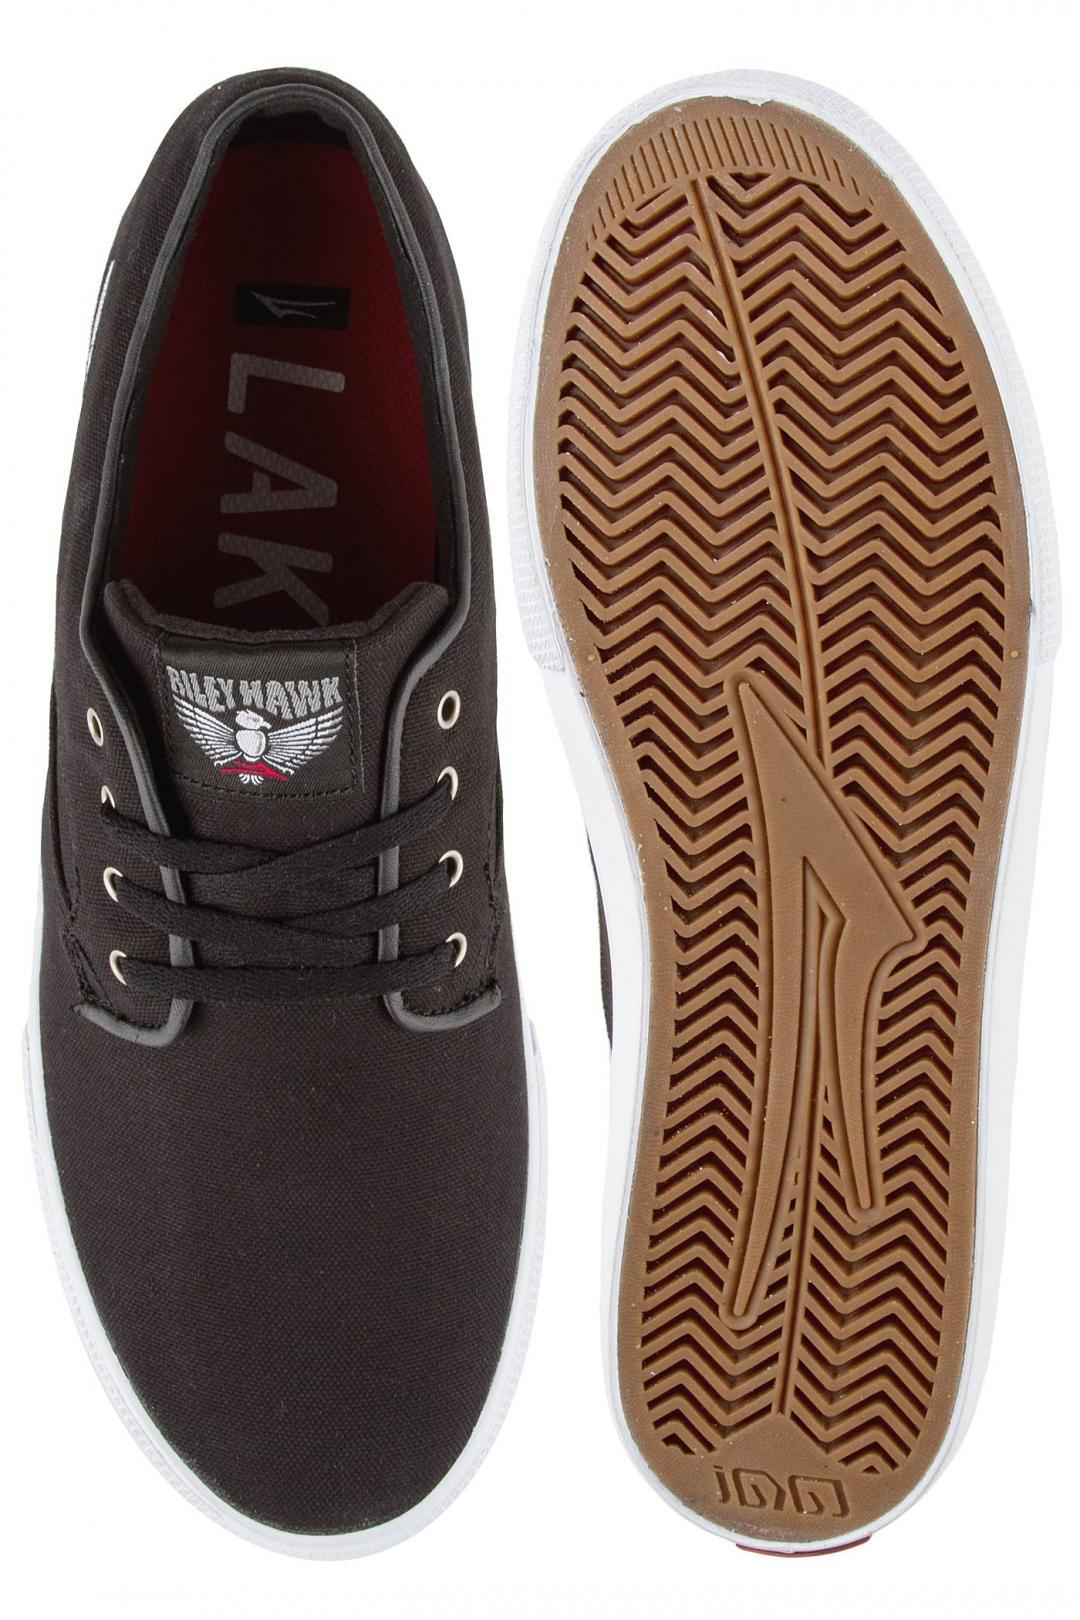 Uomo Lakai Riley Hawk Canvas black | Sneakers low top